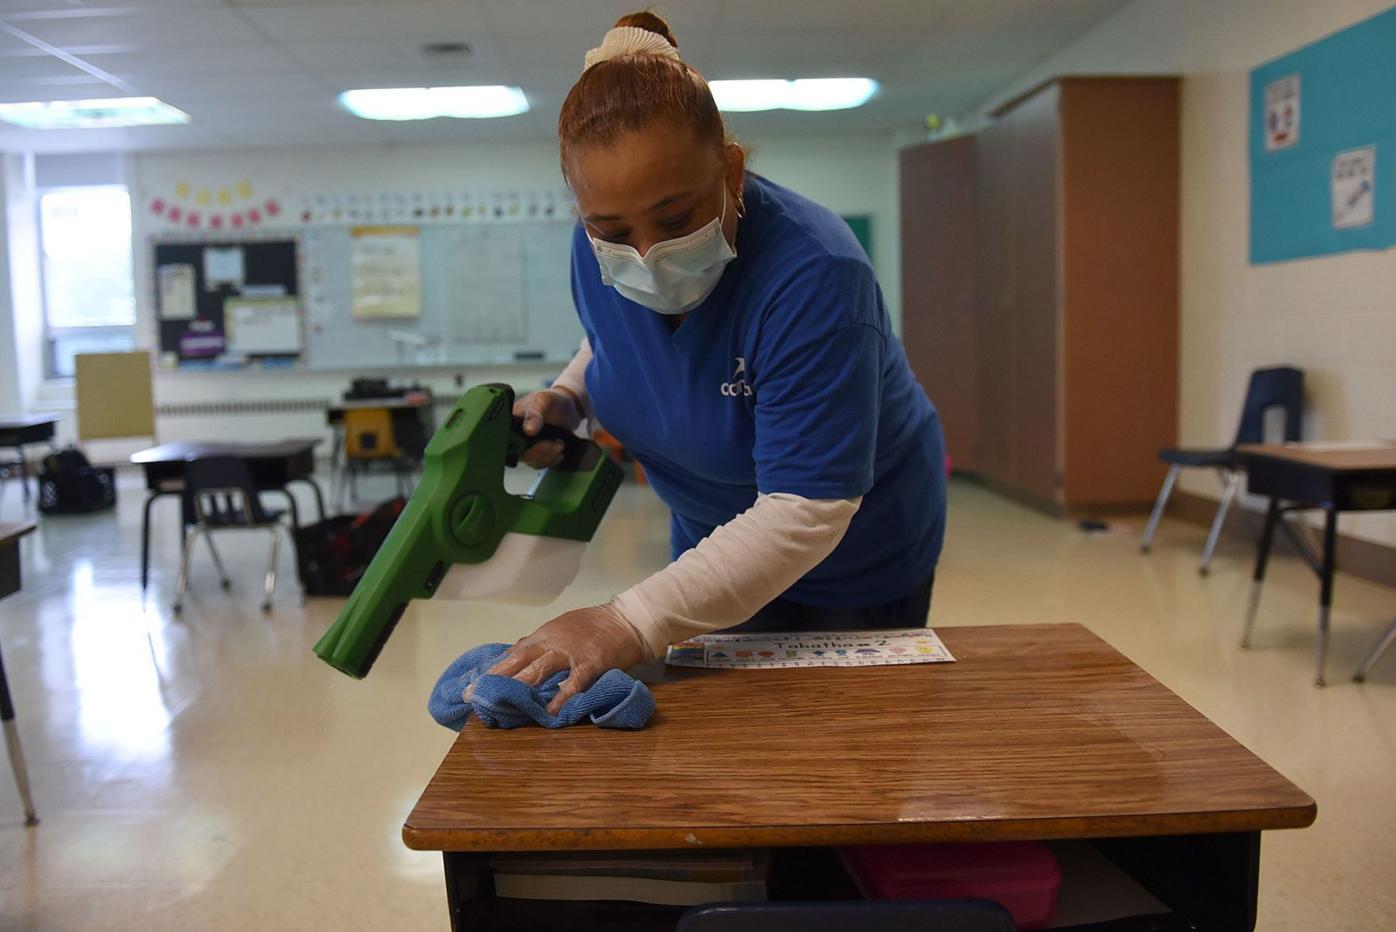 Disinfecting desks